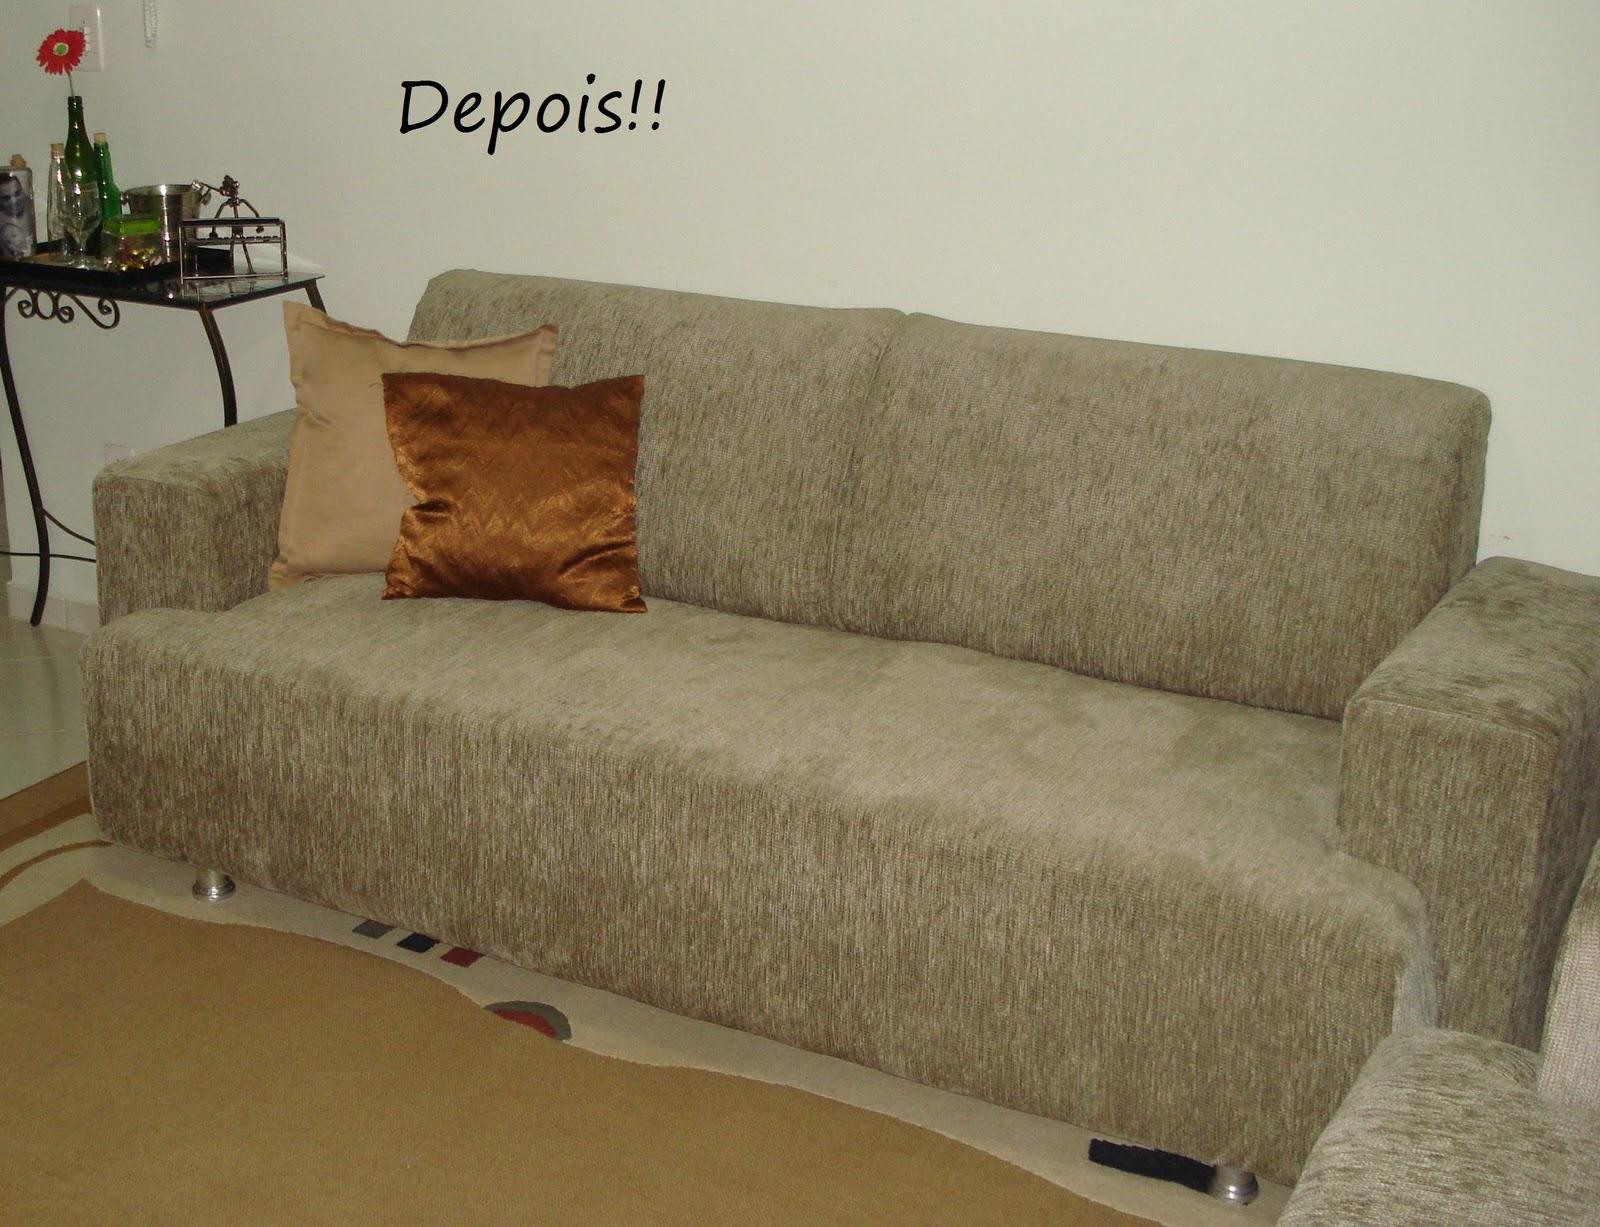 Atraiu meu olhar: ANTES e DEPOIS de um sofá laranja do móveis usados  #496024 1600x1227